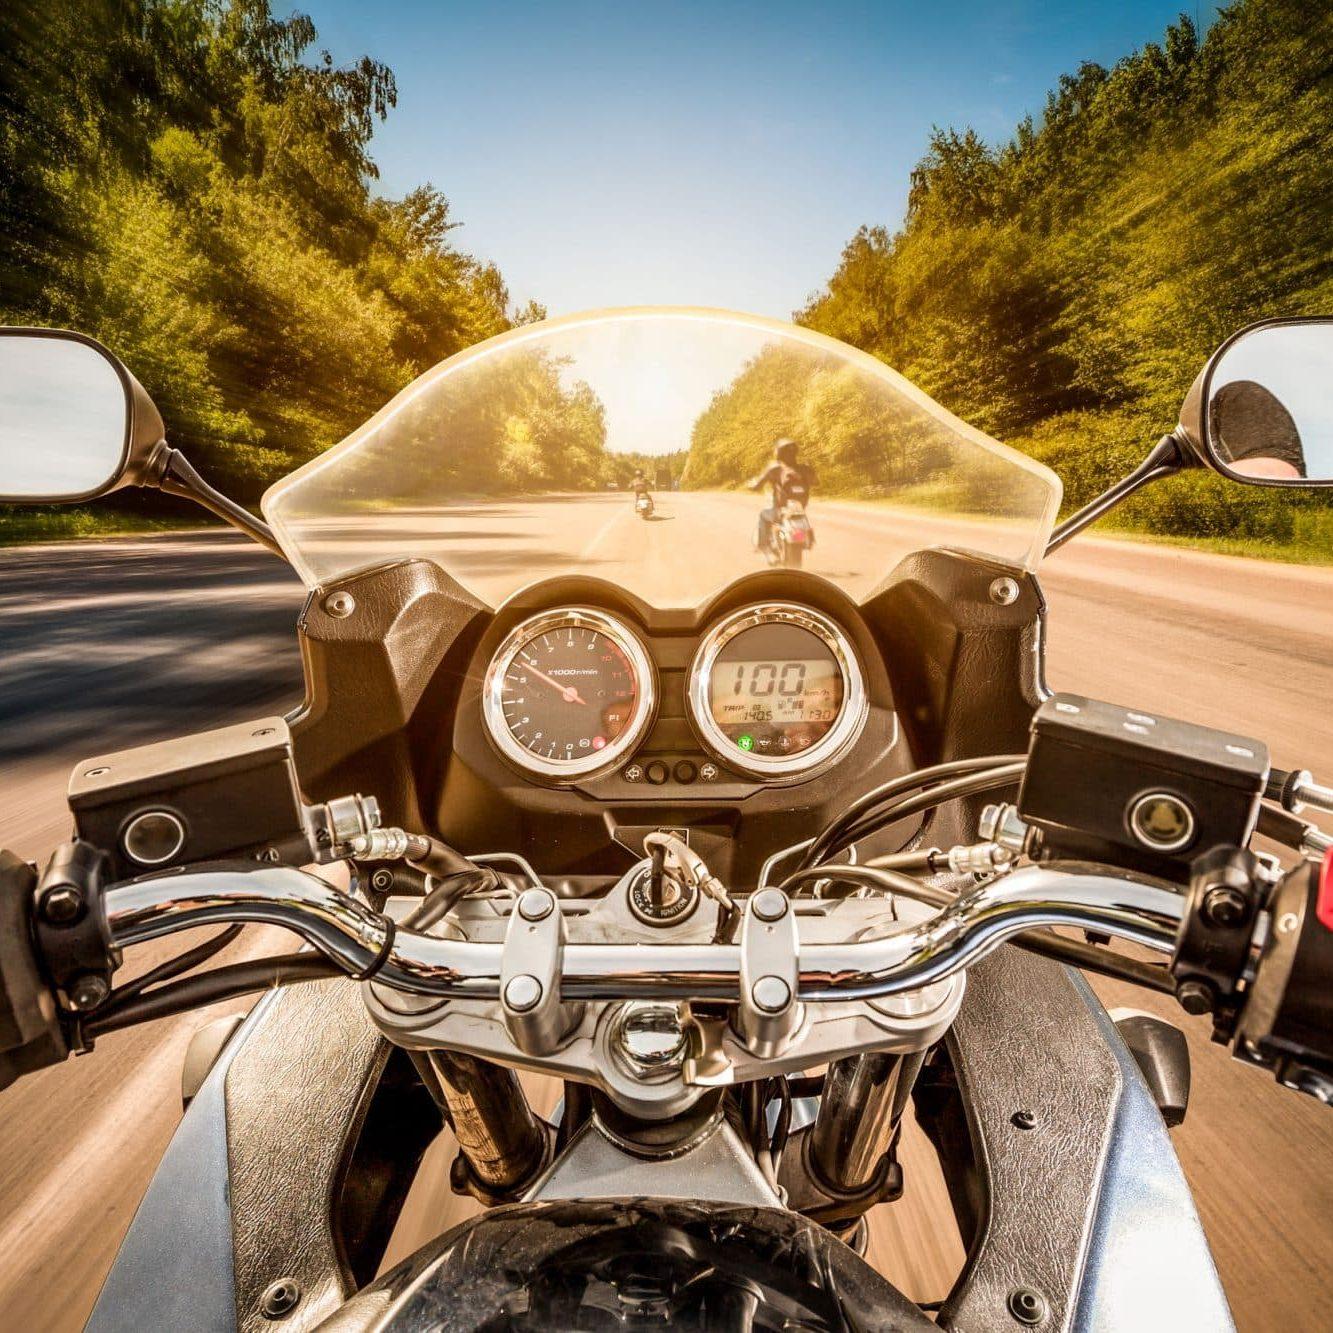 салфетка открытки с днем рождения тематика мотоциклы это